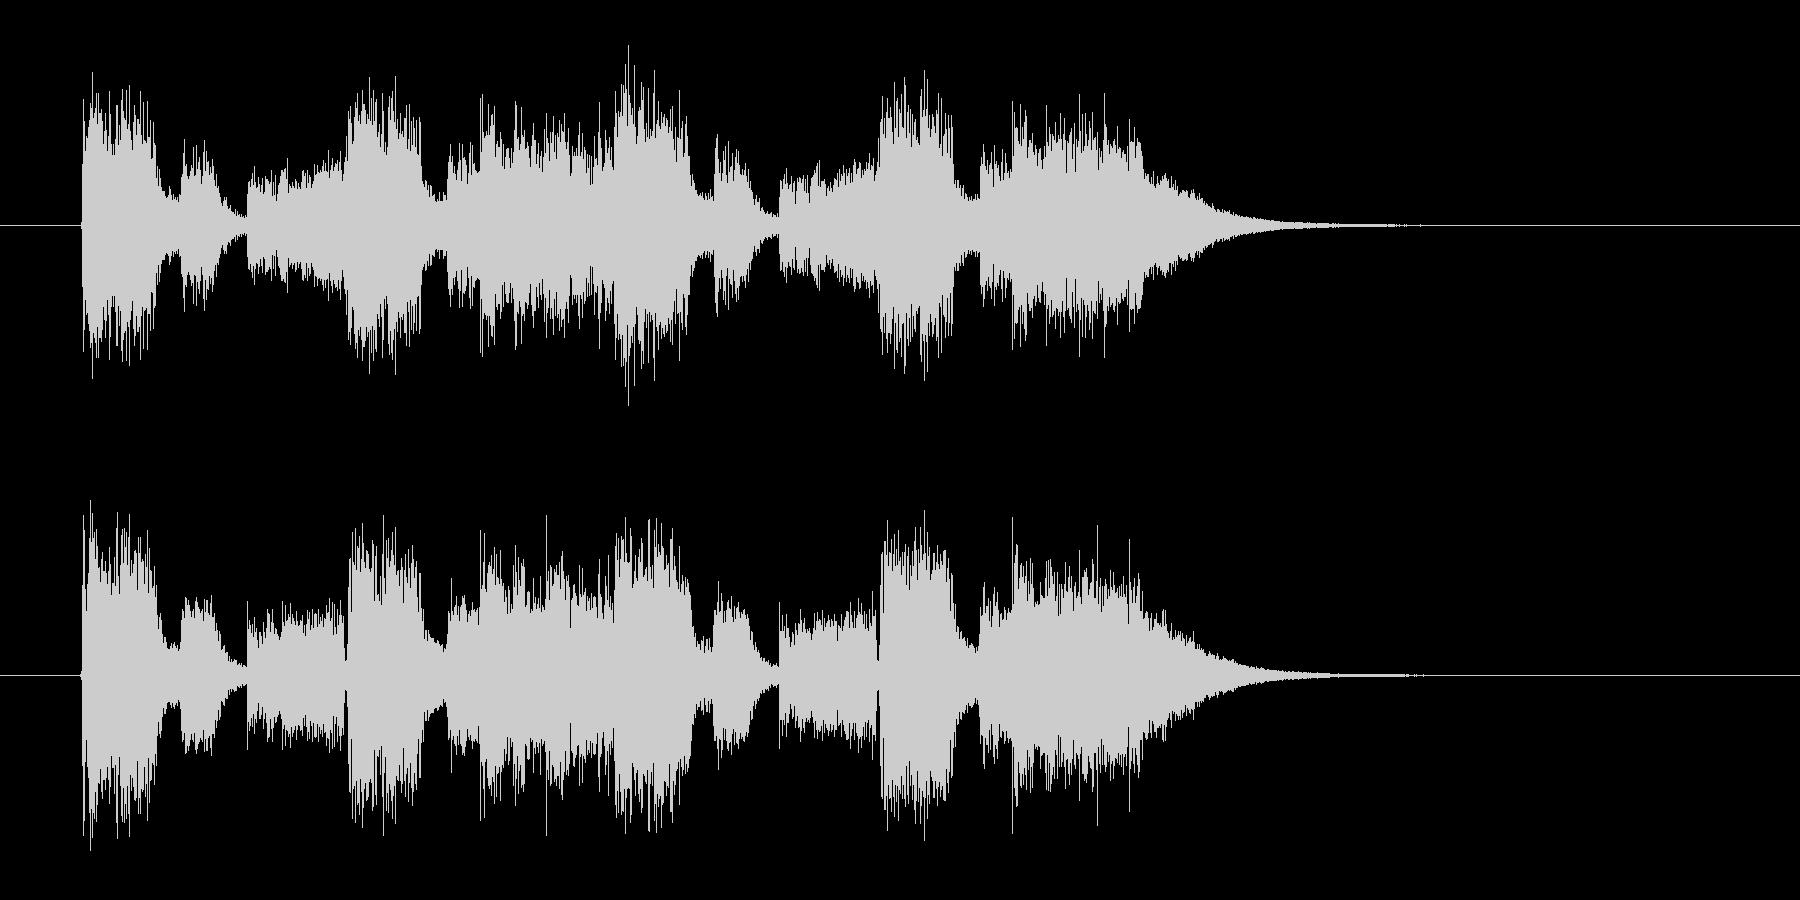 ギターのリフが重厚なメタルサウンドの未再生の波形